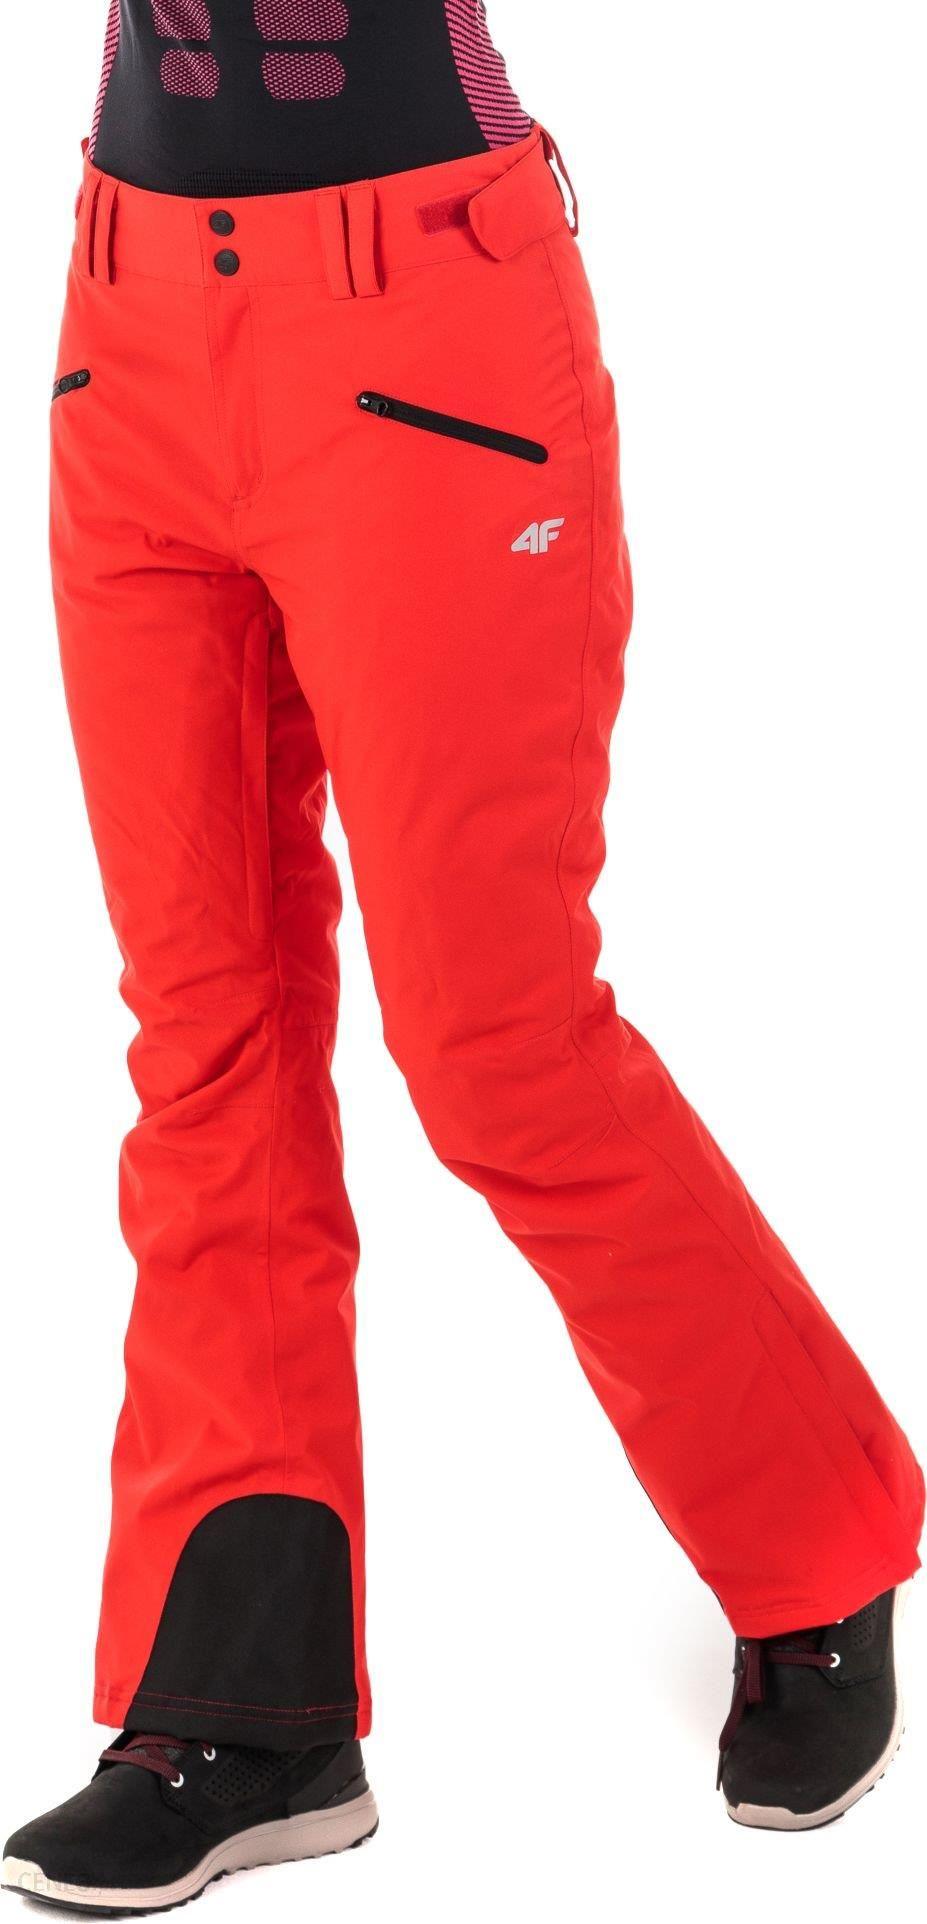 4f Spodnie Narciarskie Damskie H4z18 Spdn002 Czerwone Ceny I Opinie Ceneo Pl